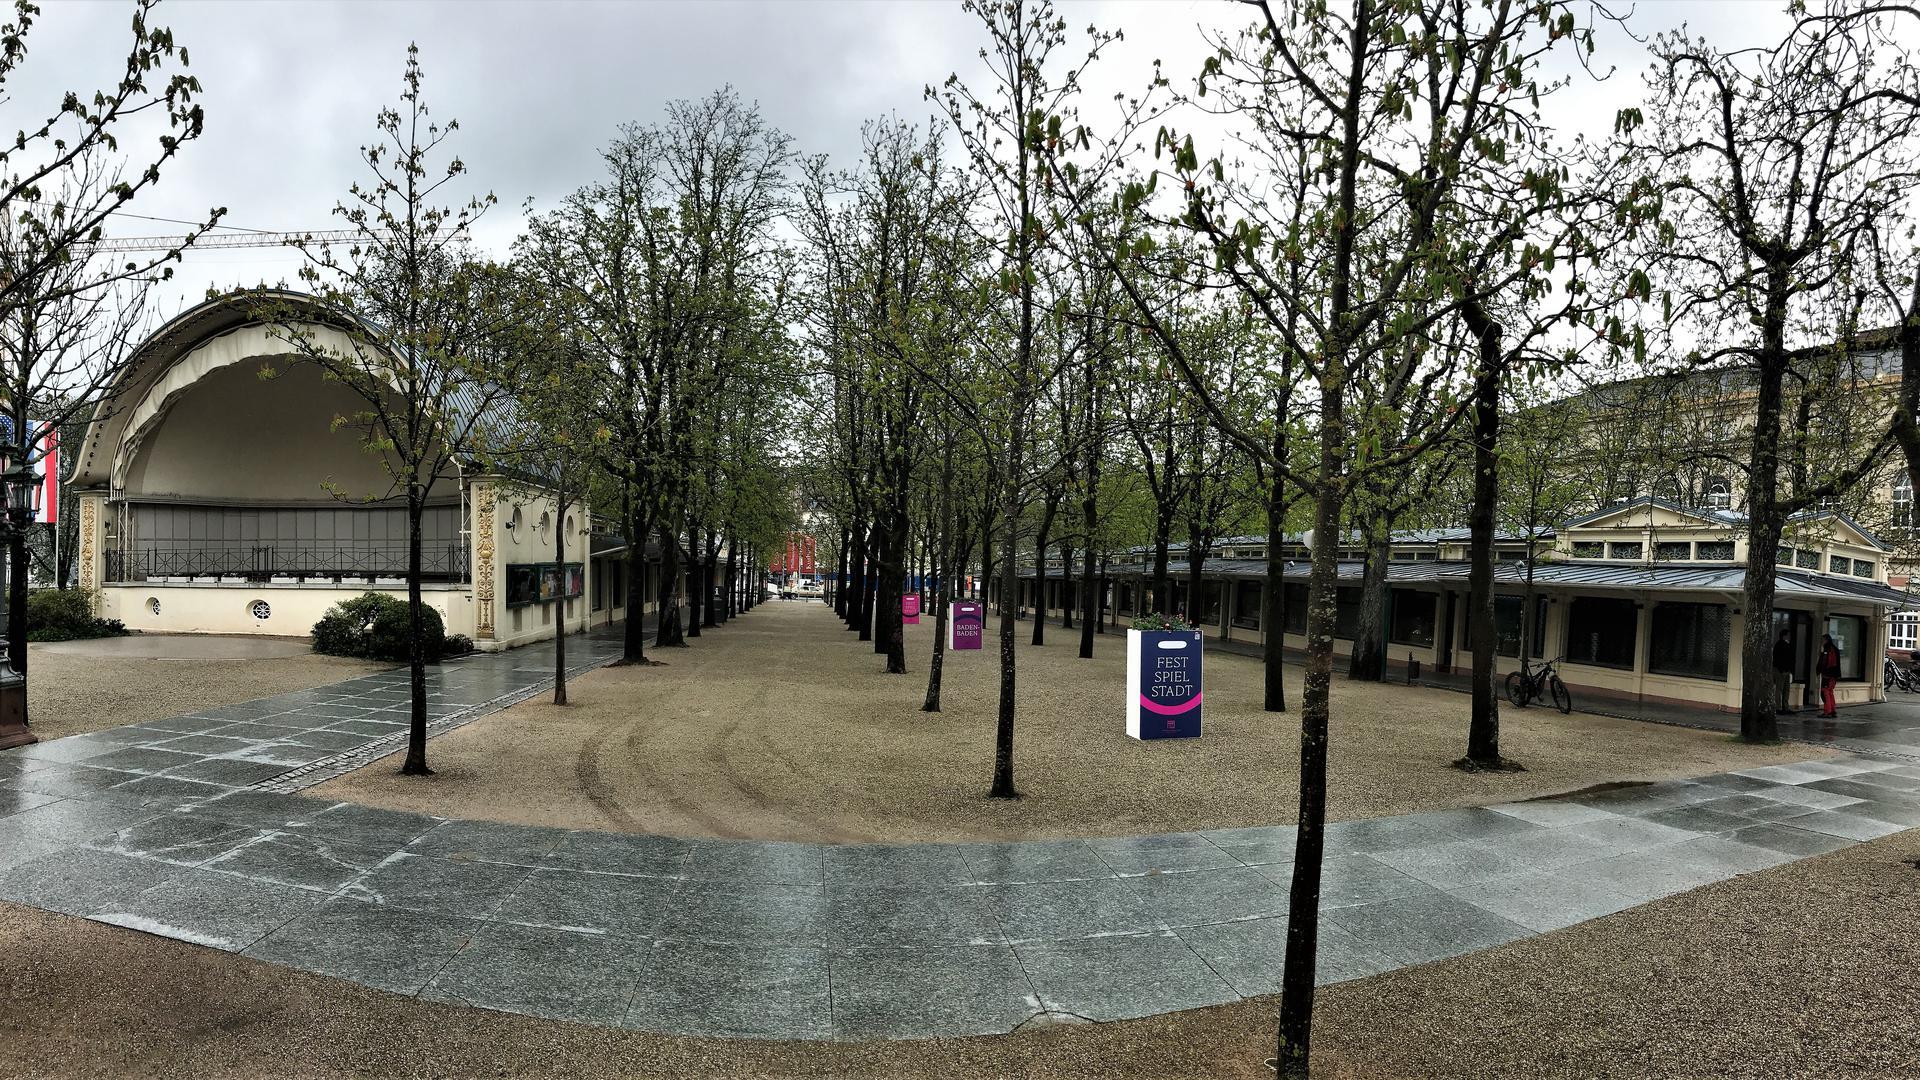 Zu den Kurhaus-Kolonnaden Baden-Baden gehört neben den beiden Ladenzeilen die Konzertmuschel. Dazwischen befindet sich eine Kastanien-Allee.